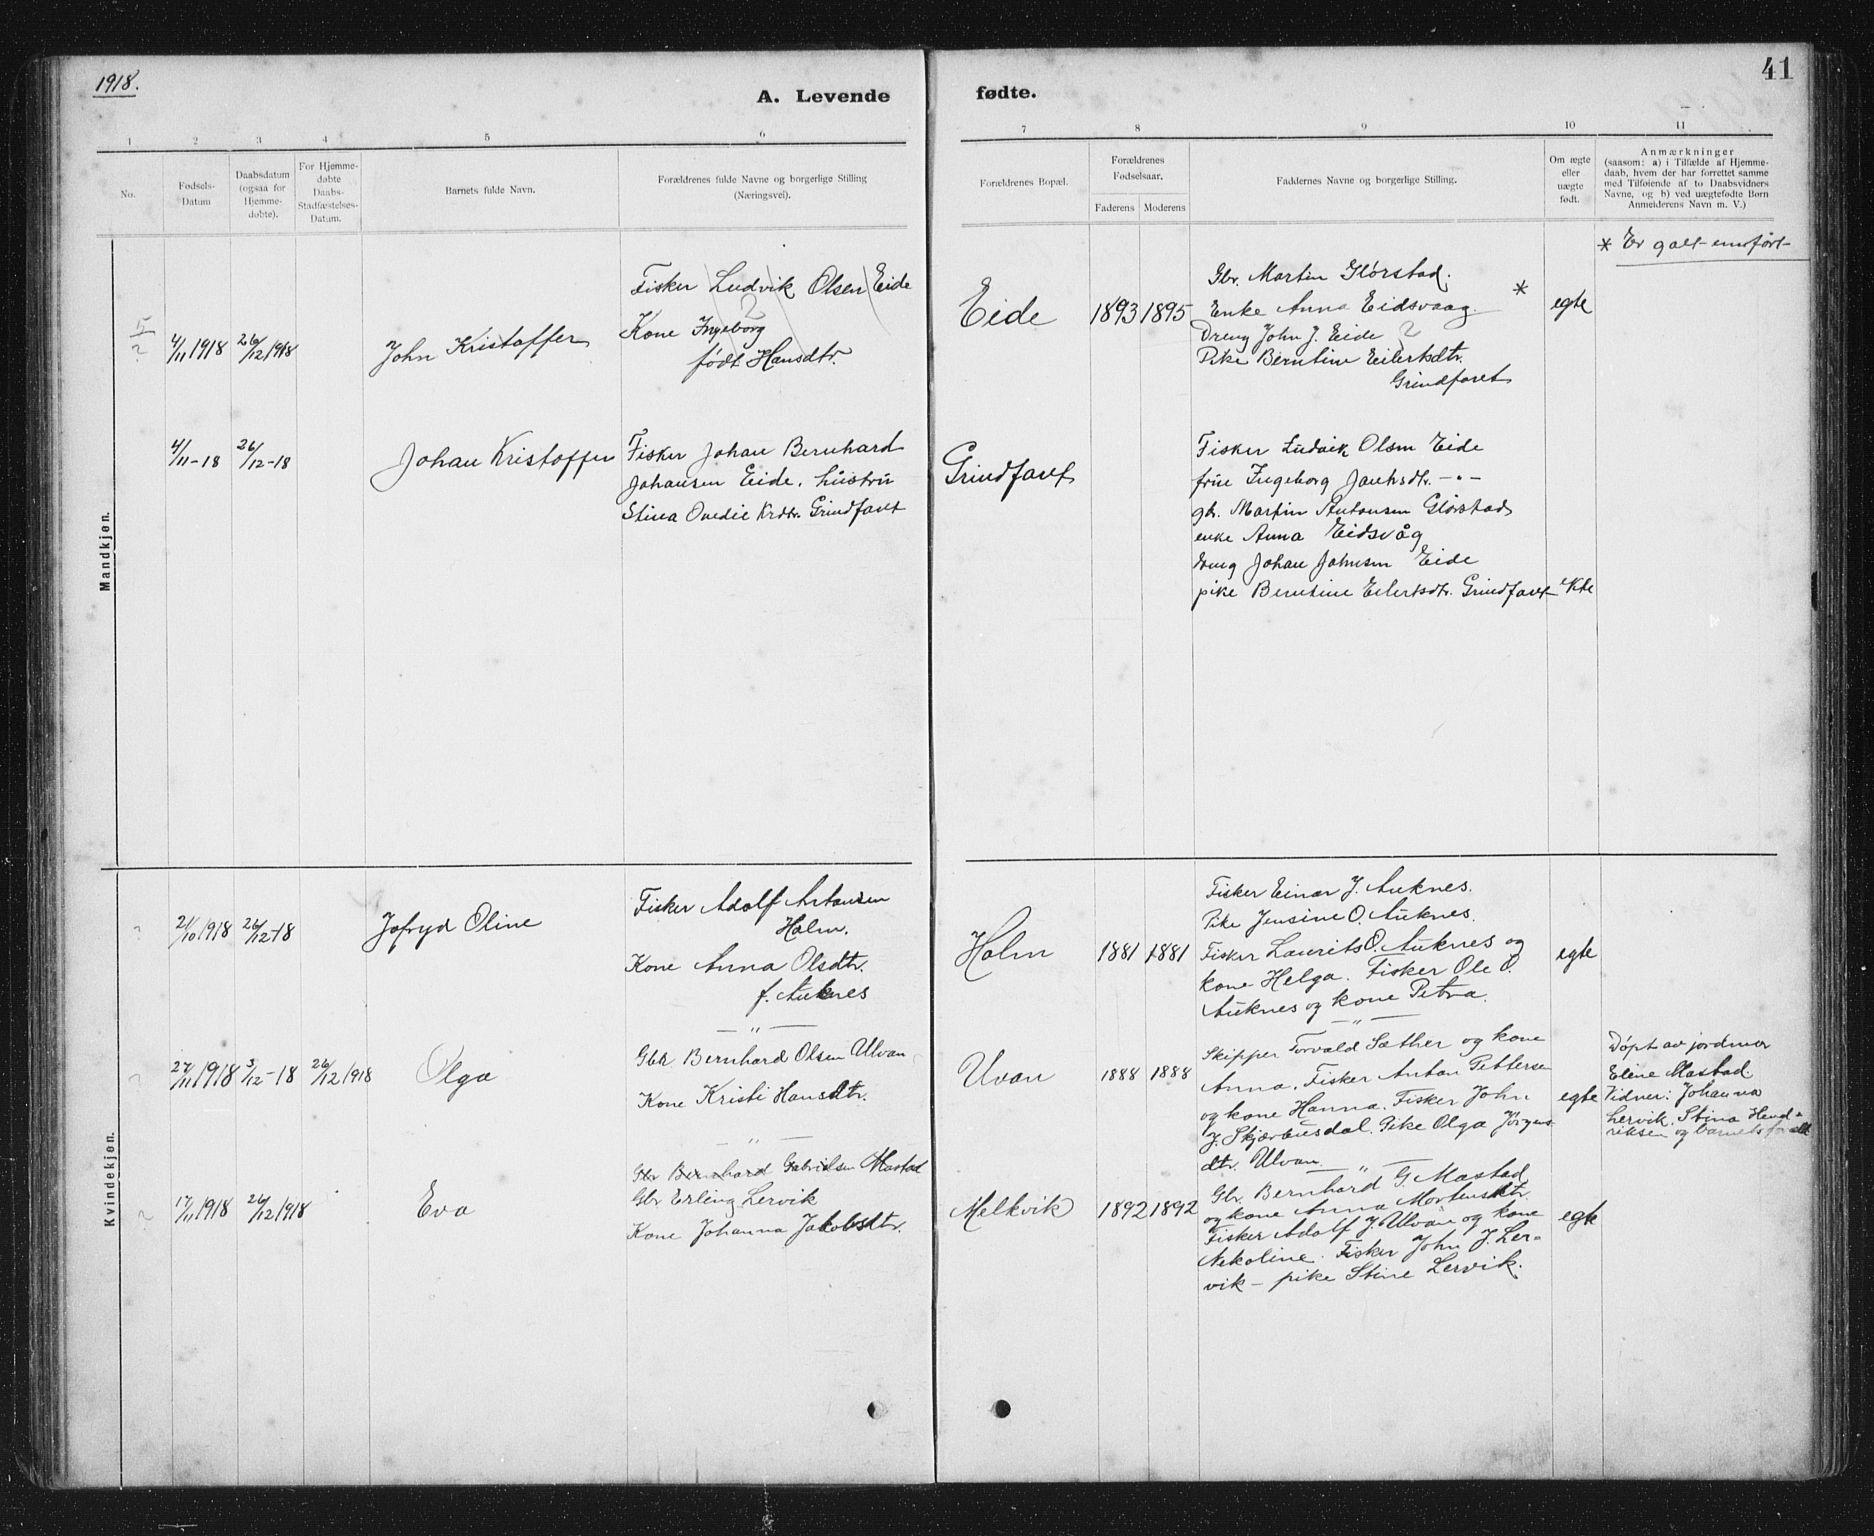 SAT, Ministerialprotokoller, klokkerbøker og fødselsregistre - Sør-Trøndelag, 637/L0563: Klokkerbok nr. 637C04, 1899-1940, s. 41